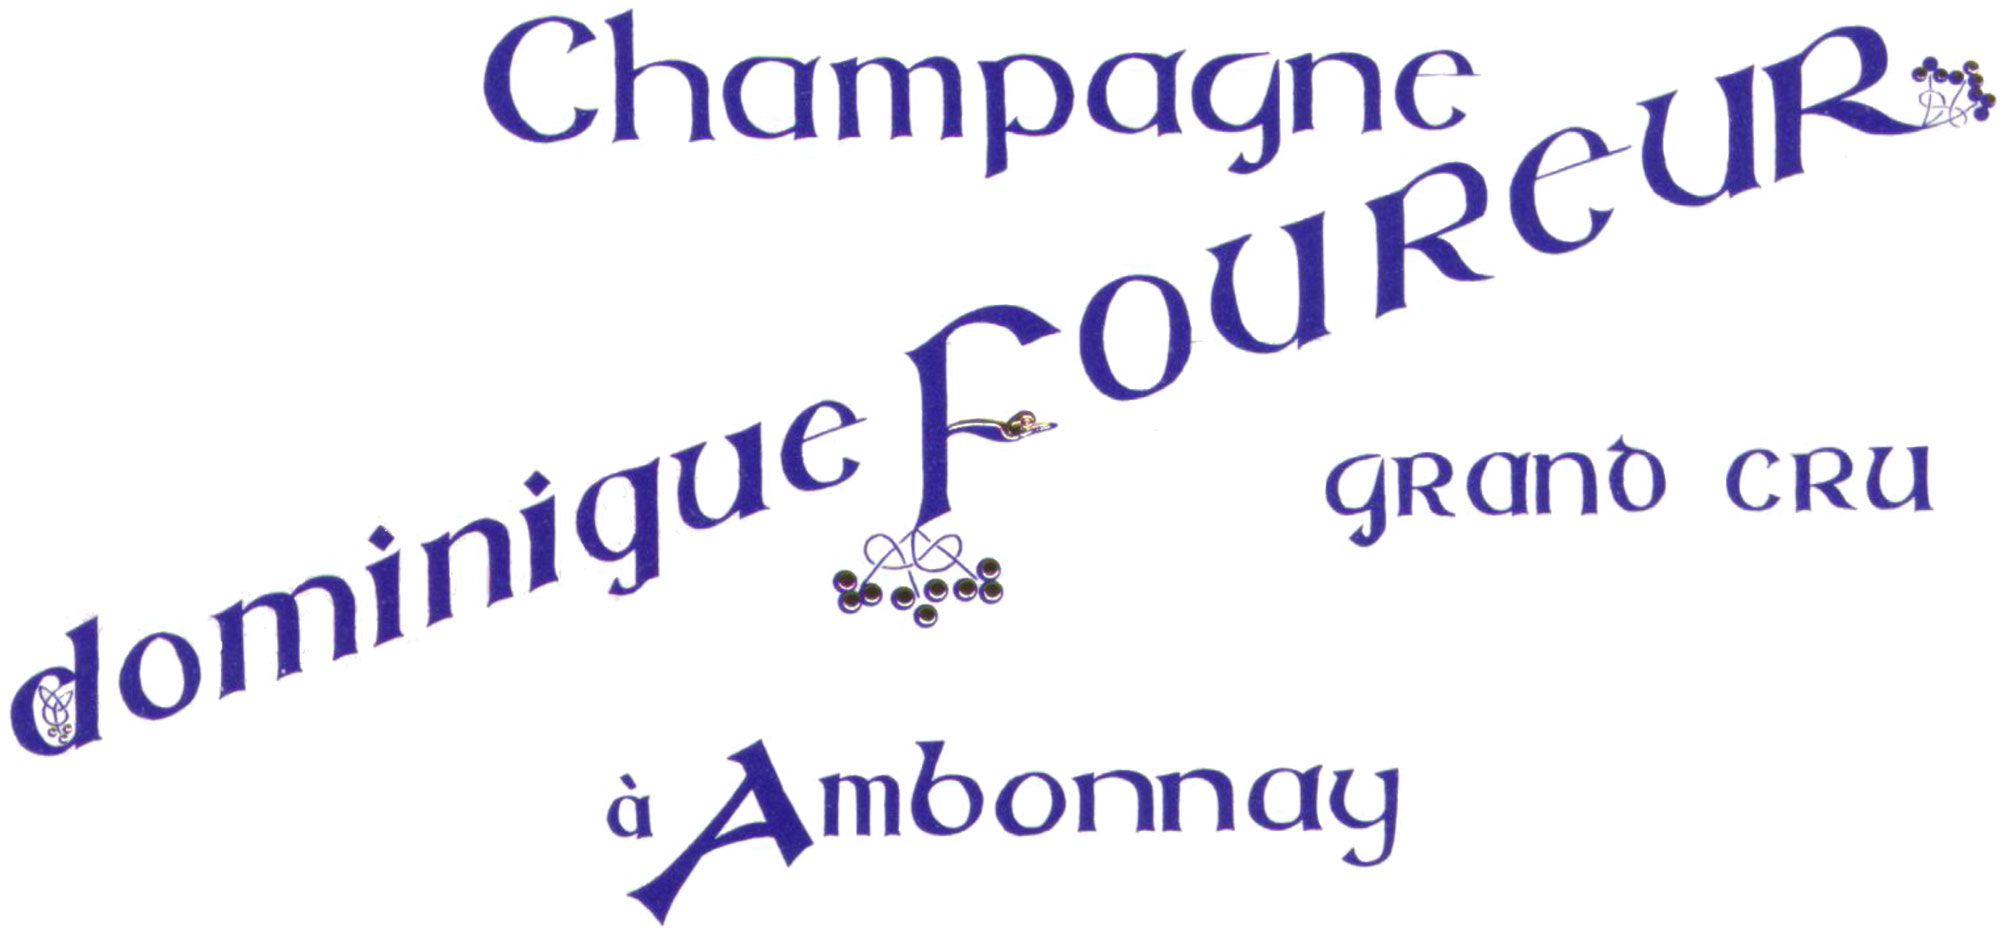 Champagne Dominique Foureur